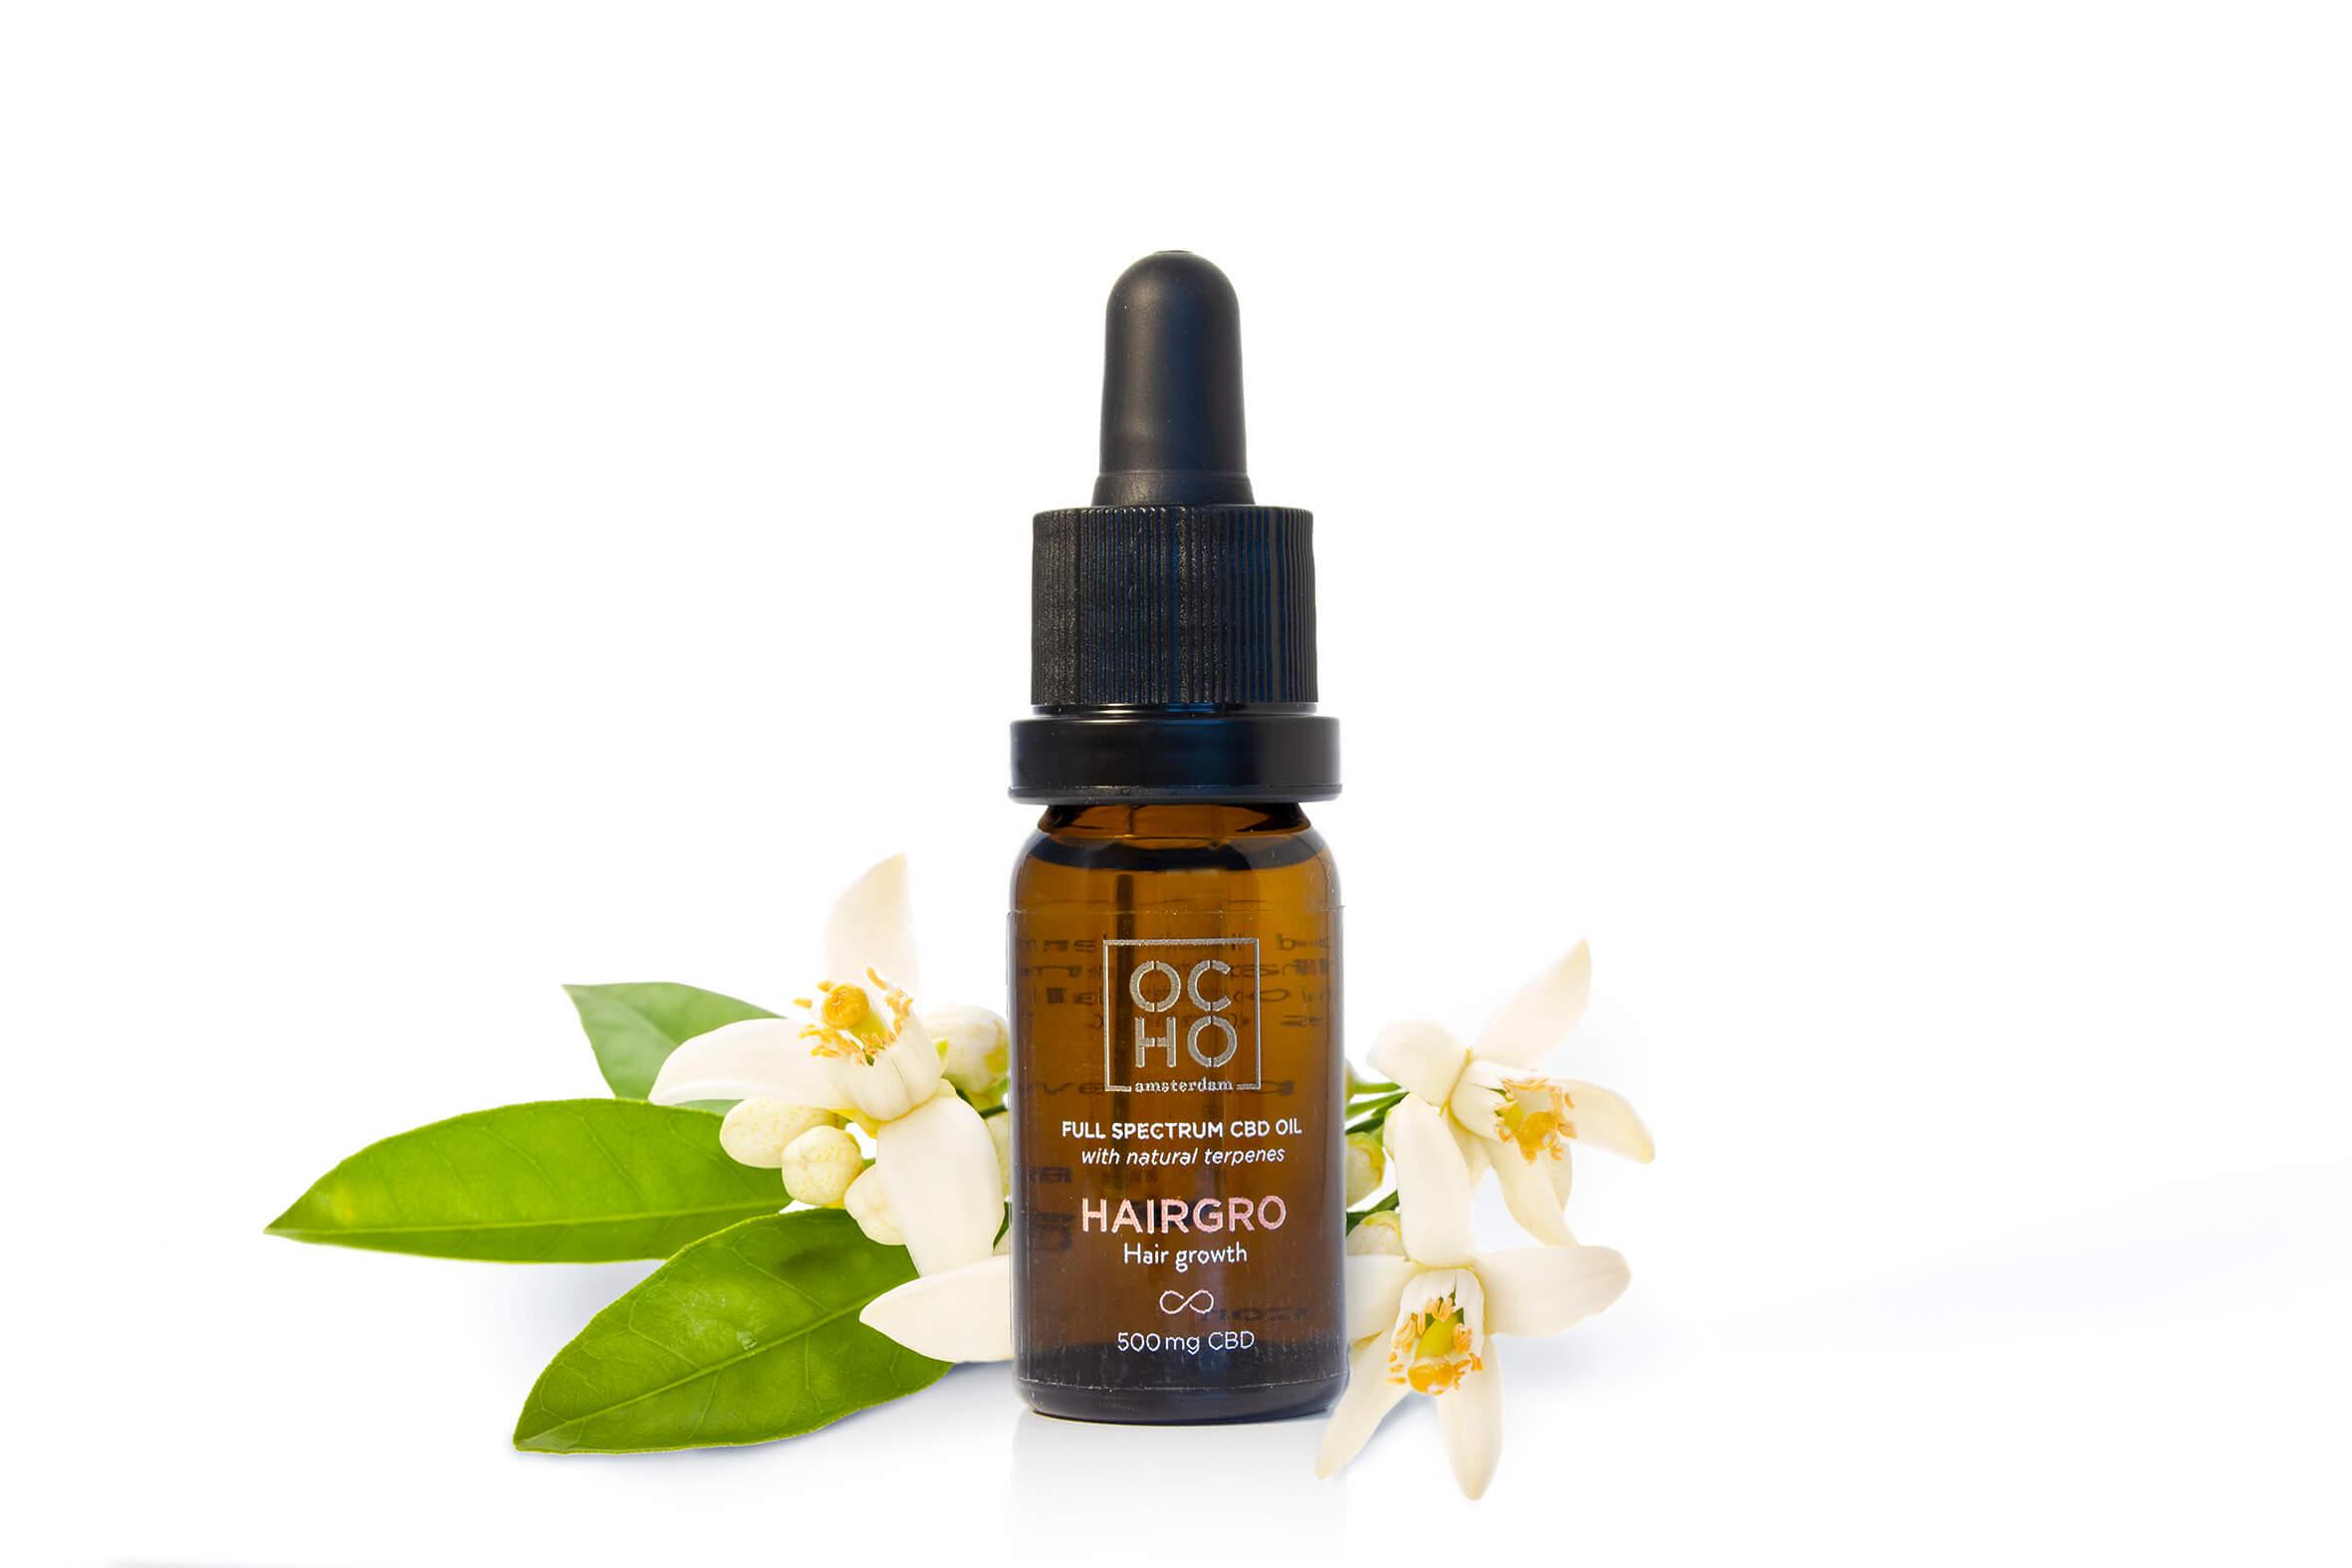 FULL SPECTRUM CBD 5% | HAIRGRO